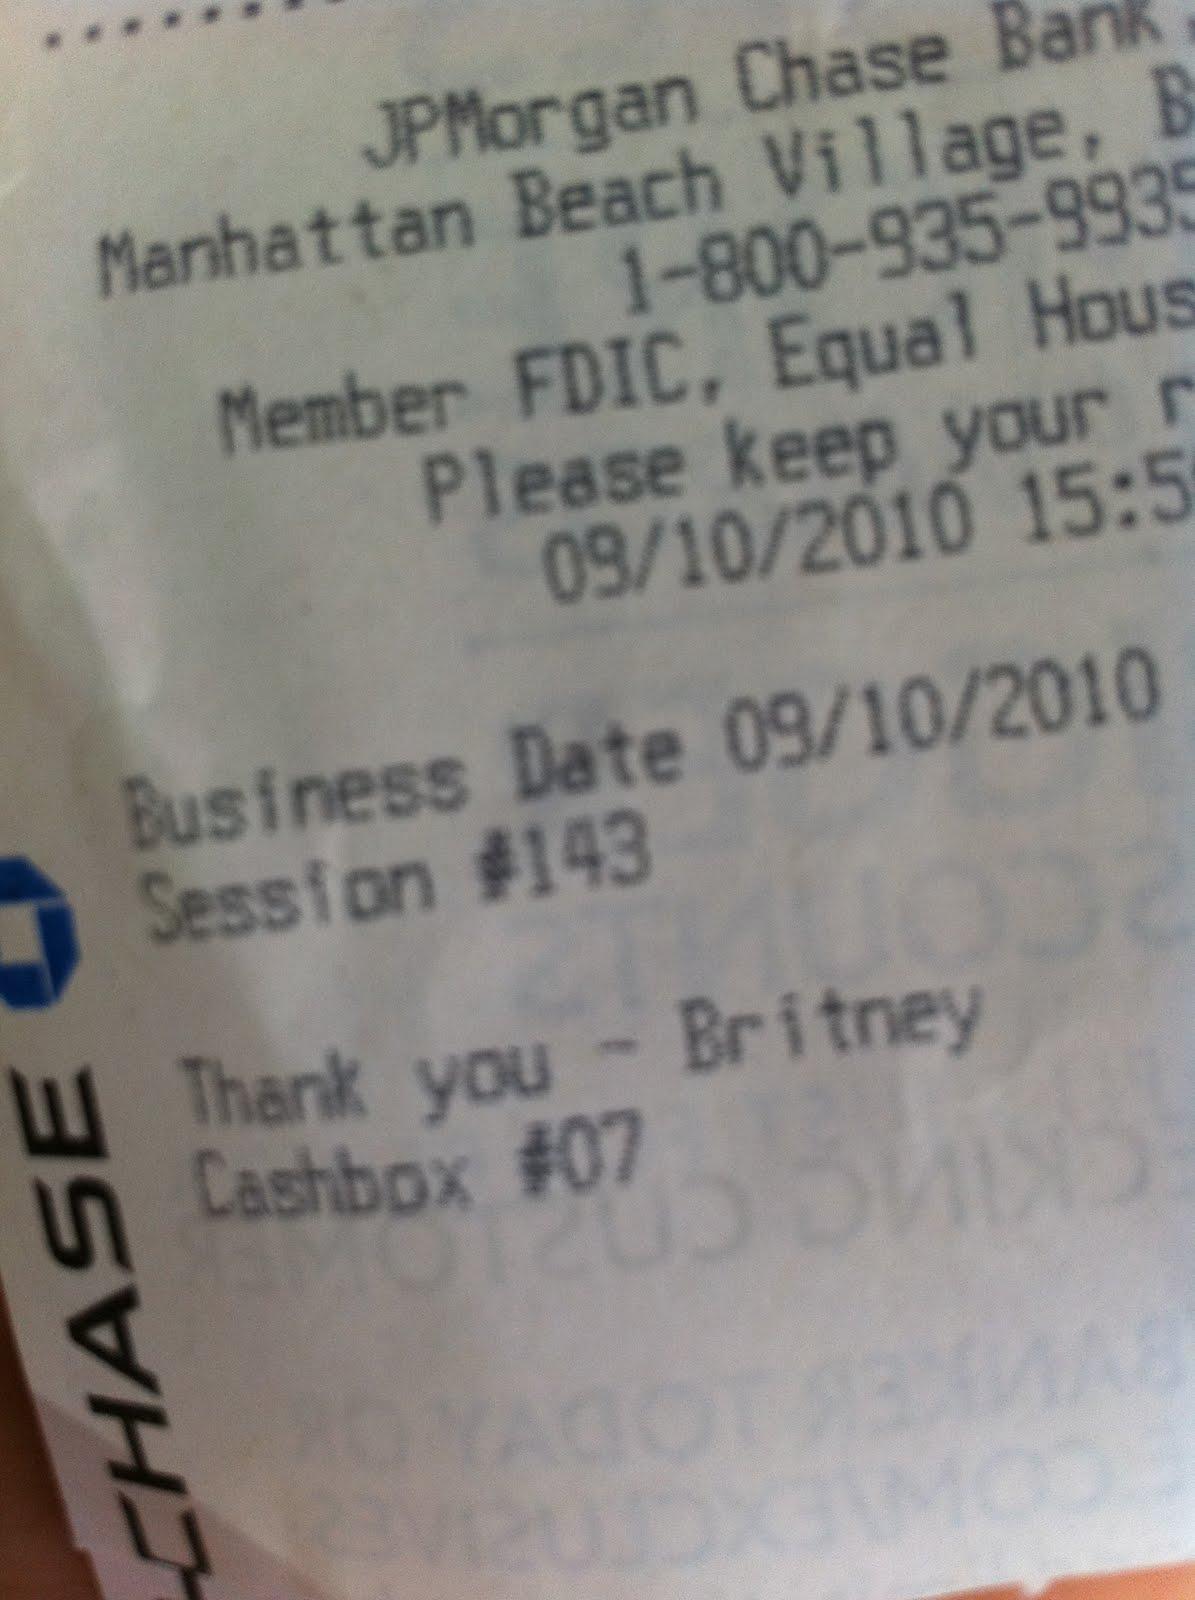 Pin Deposit Receipt On Pinterest